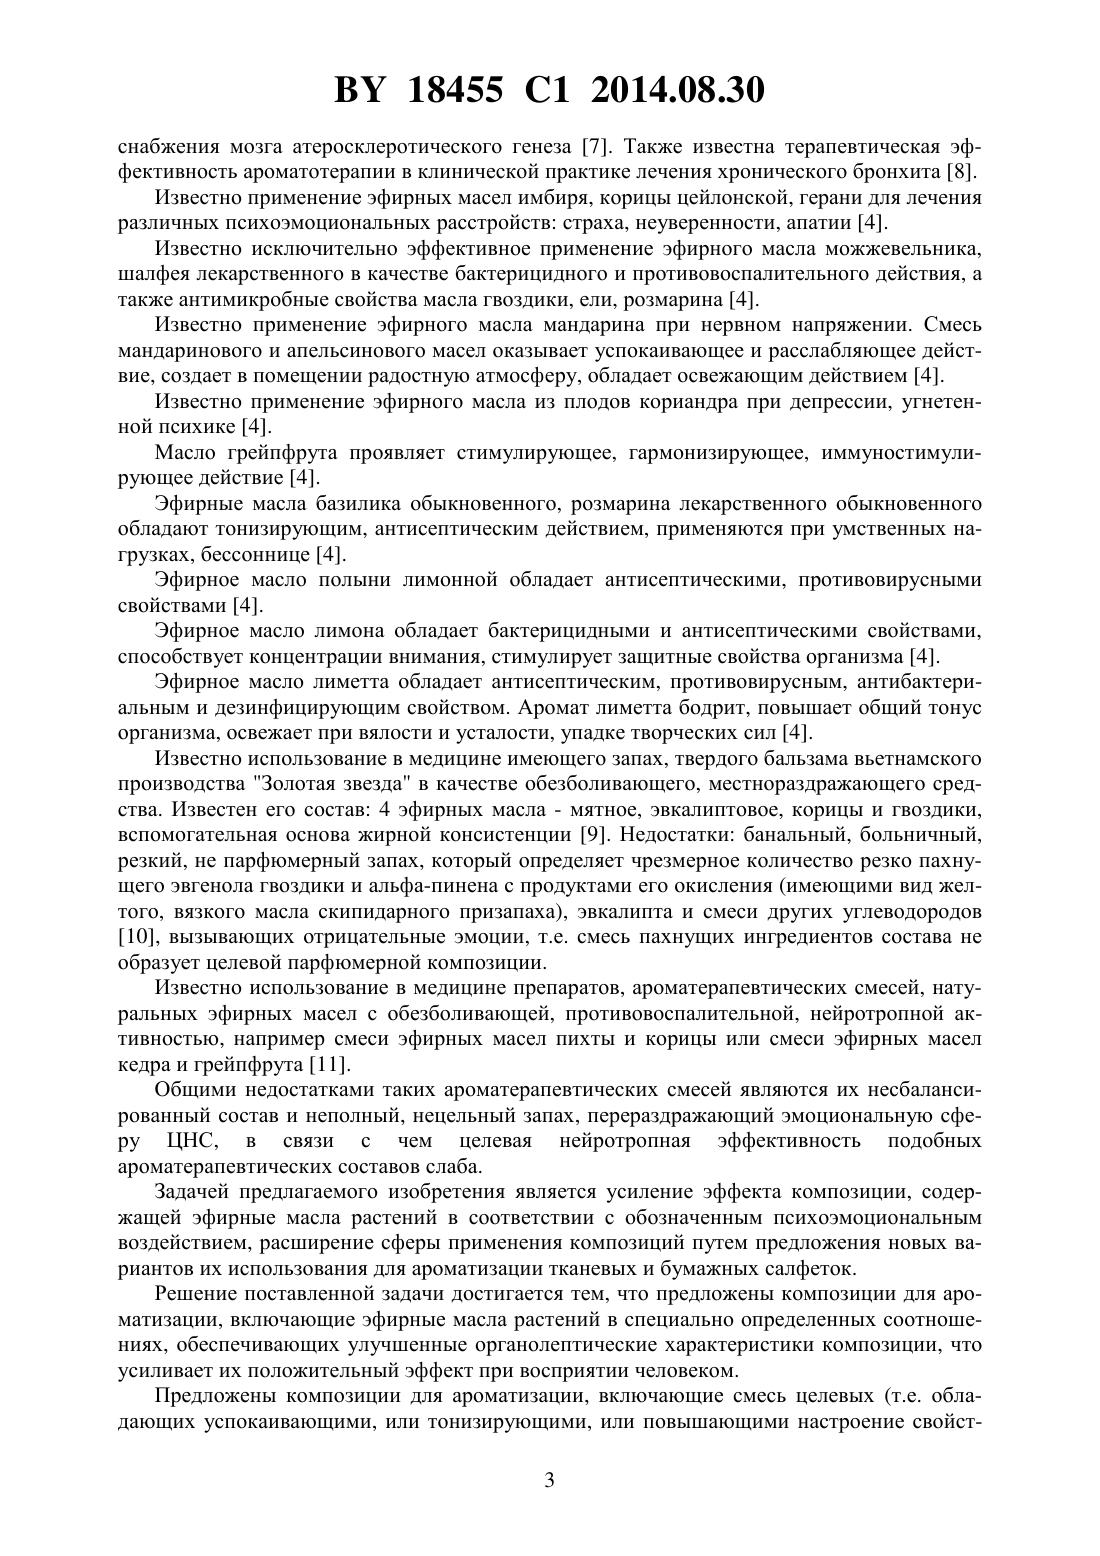 Солдатченко кащенко полная книга ароматерапии скачать